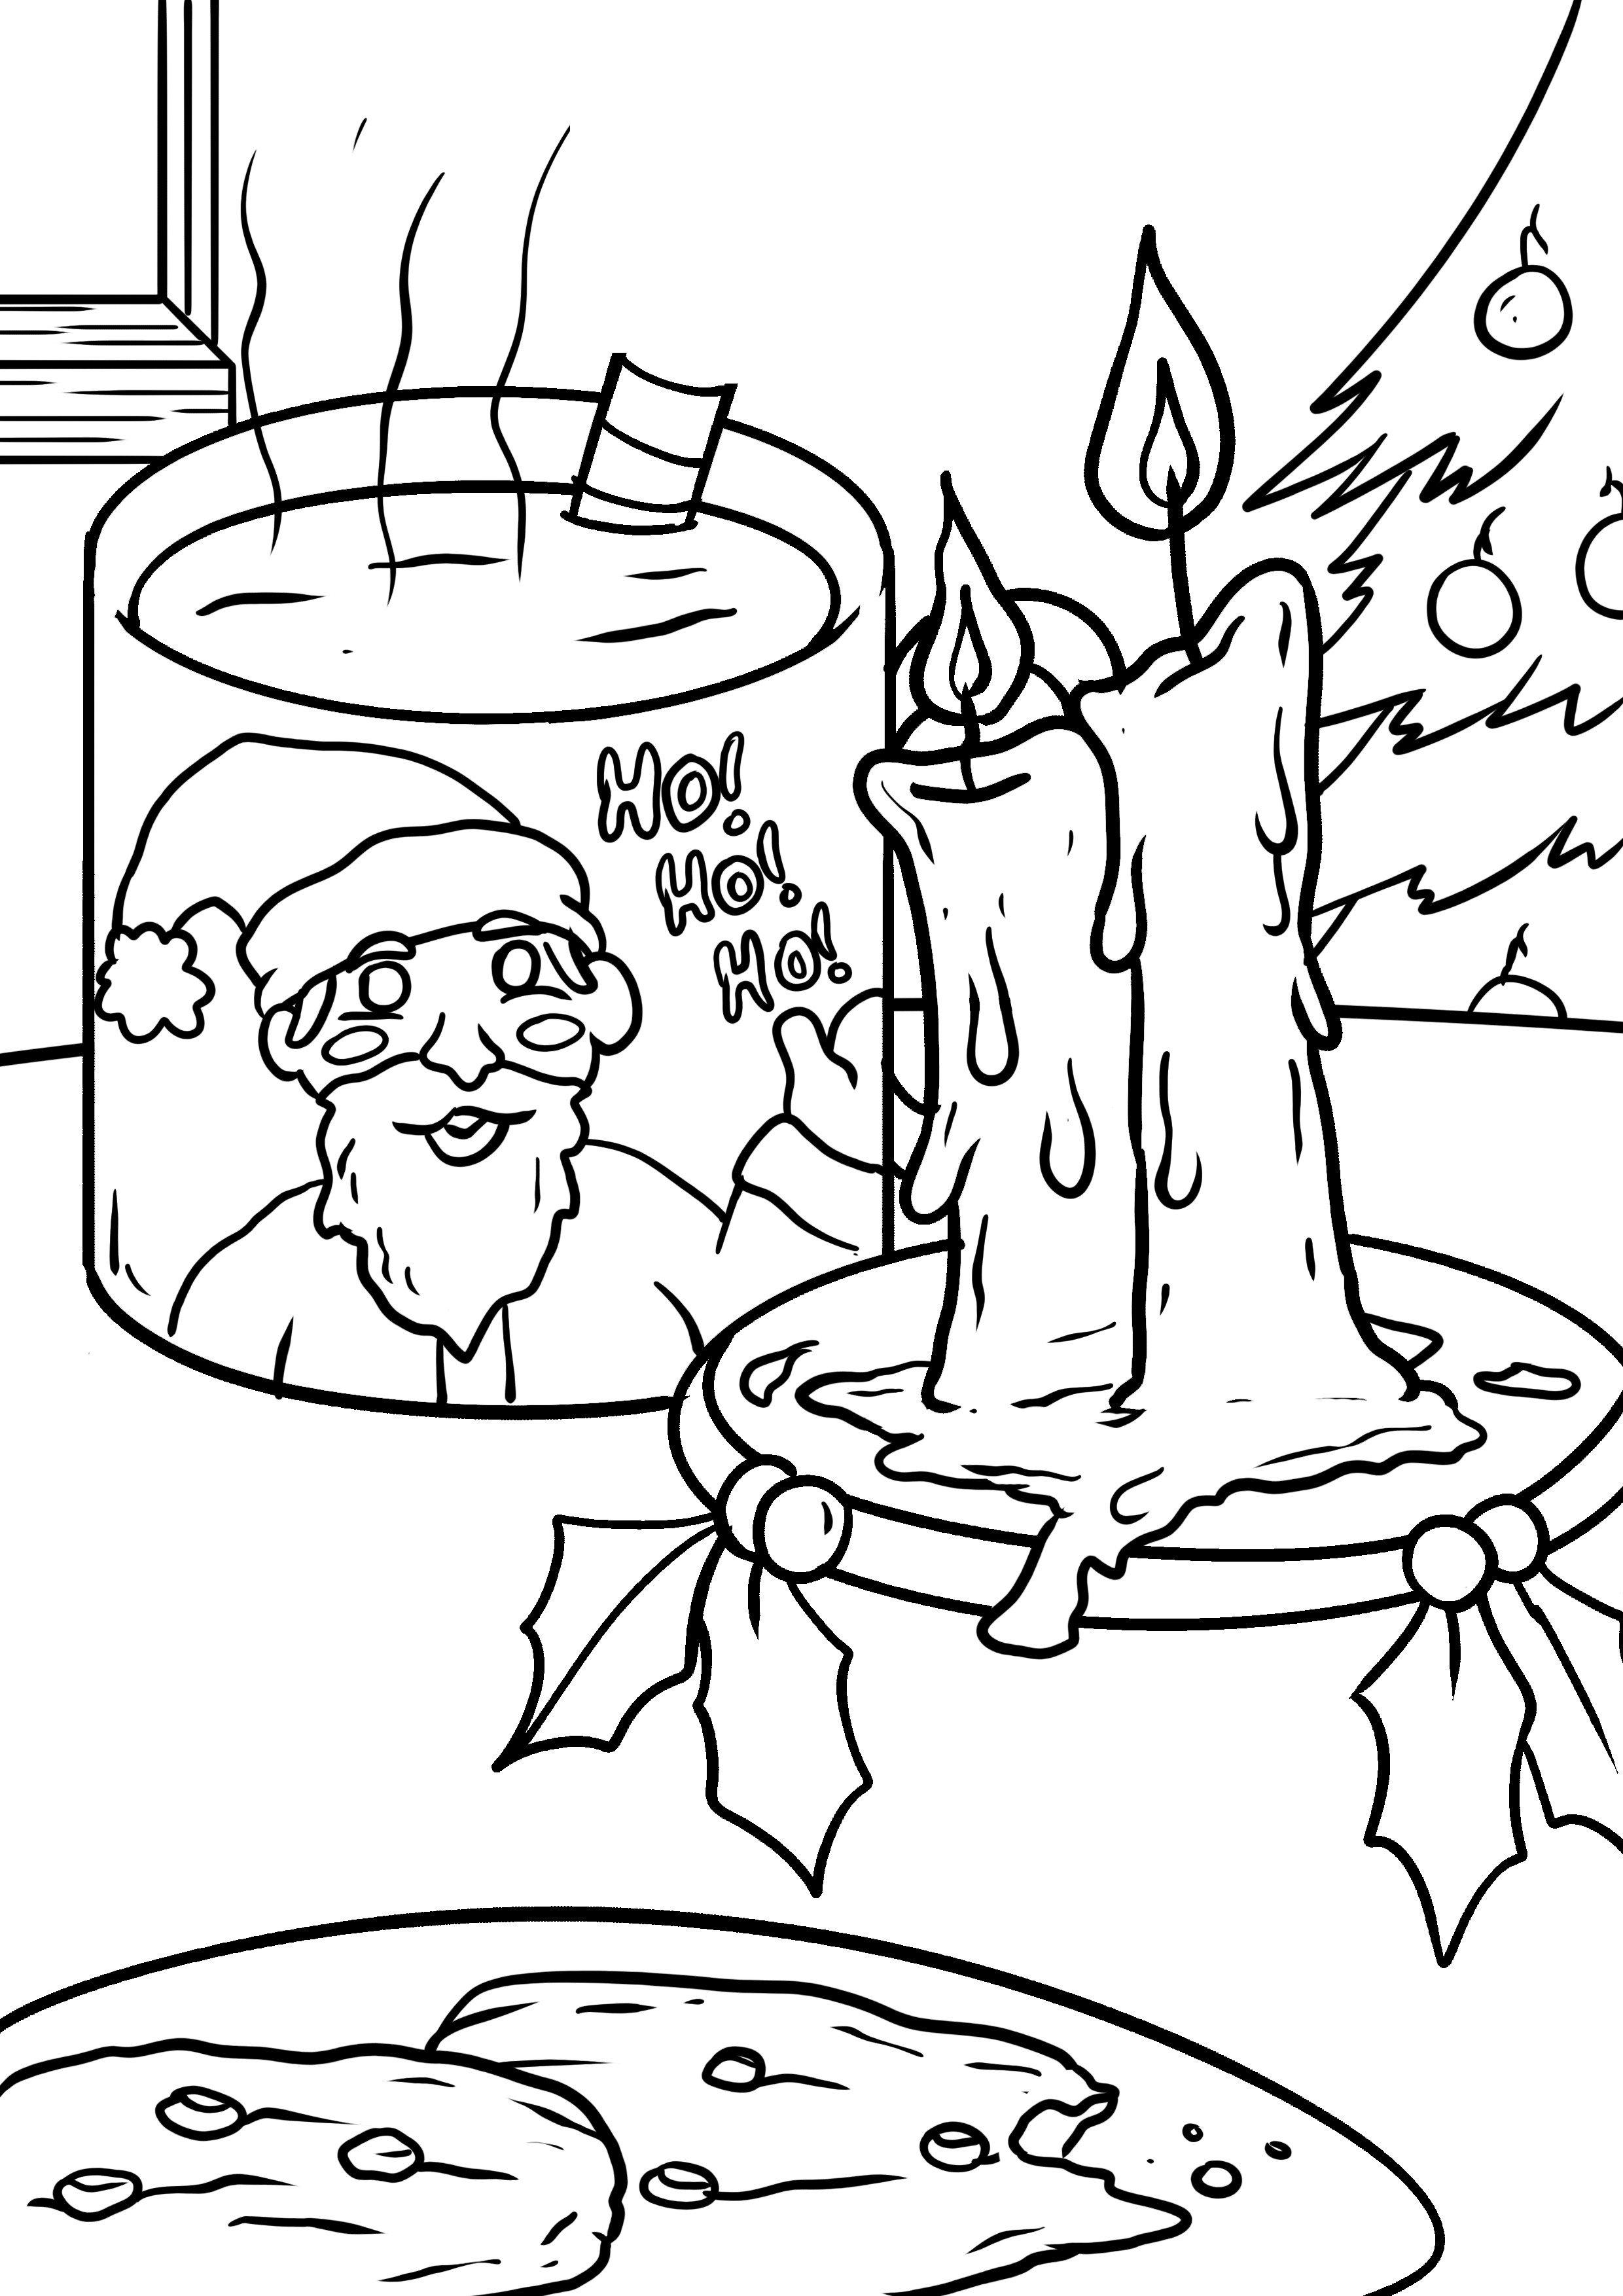 malvorlage weihnachten - ausmalbilder kostenlos herunterladen